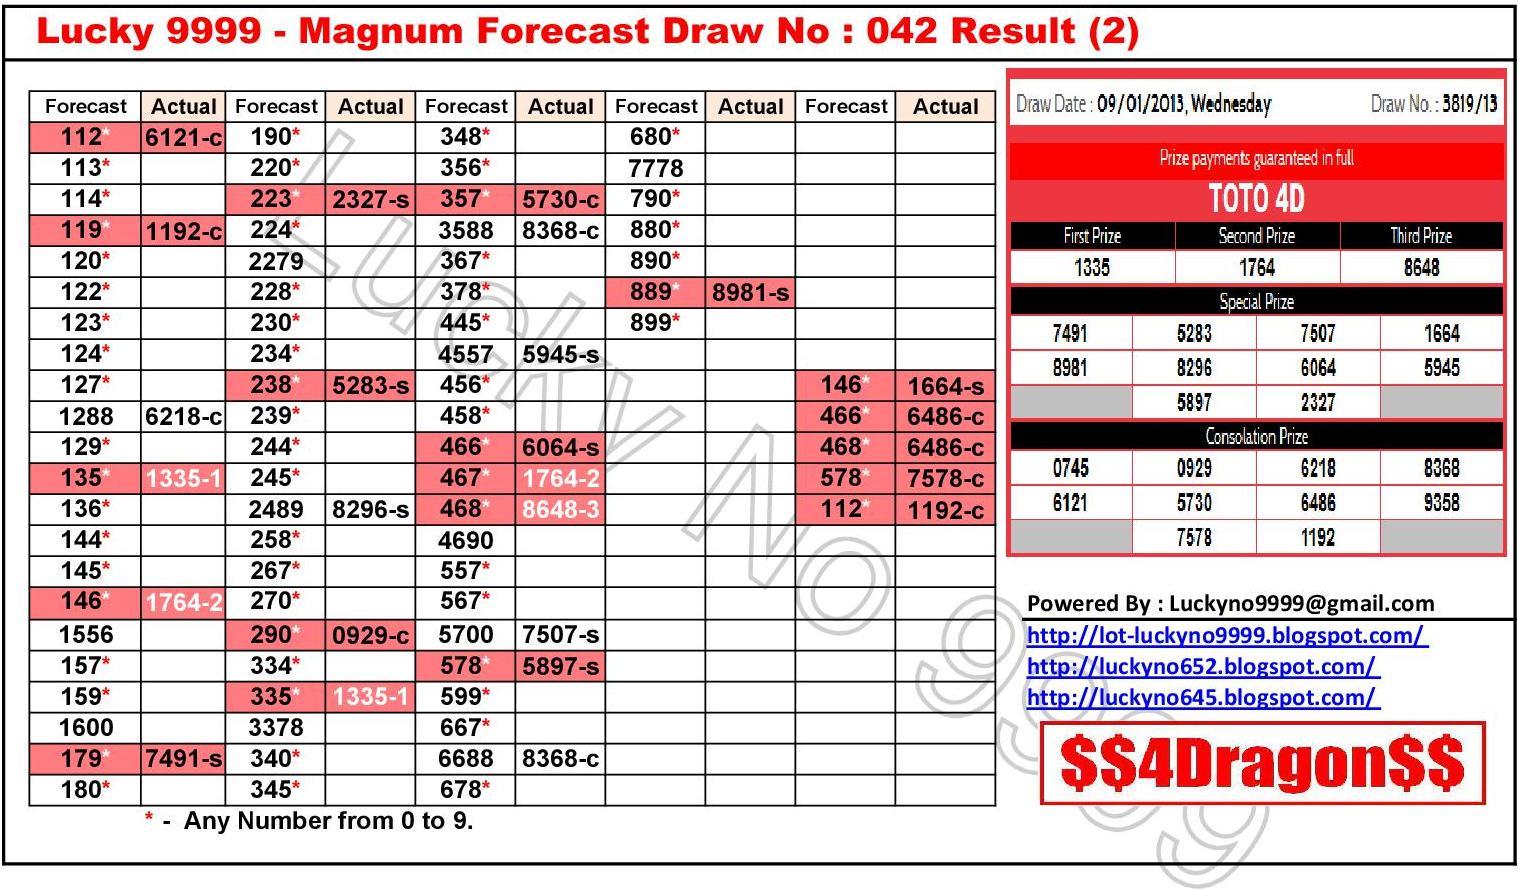 Lot: Magnum Forecast Draw No. 042 Result (2)